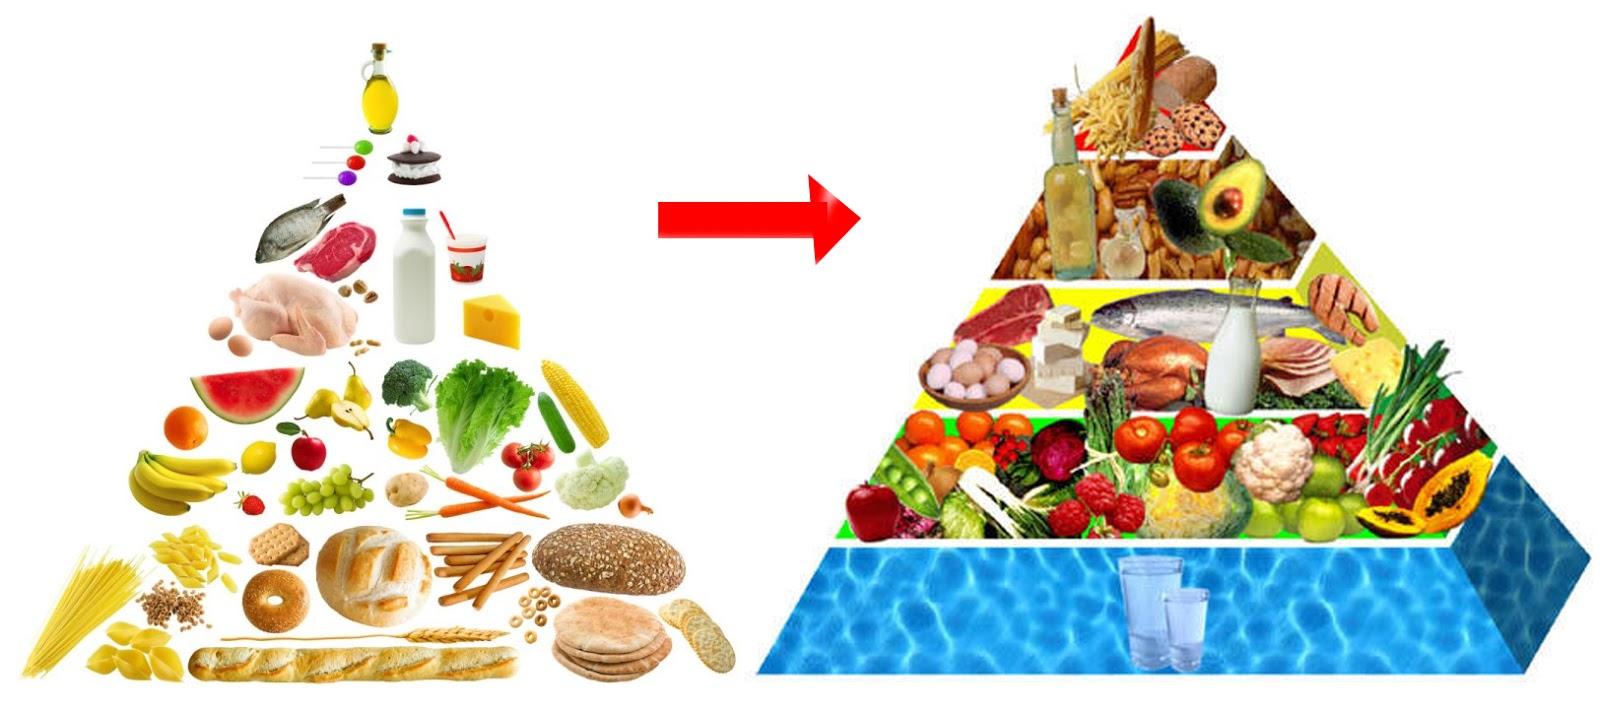 indicele glicemic față de pierderea în greutate a sarcinii glicemice